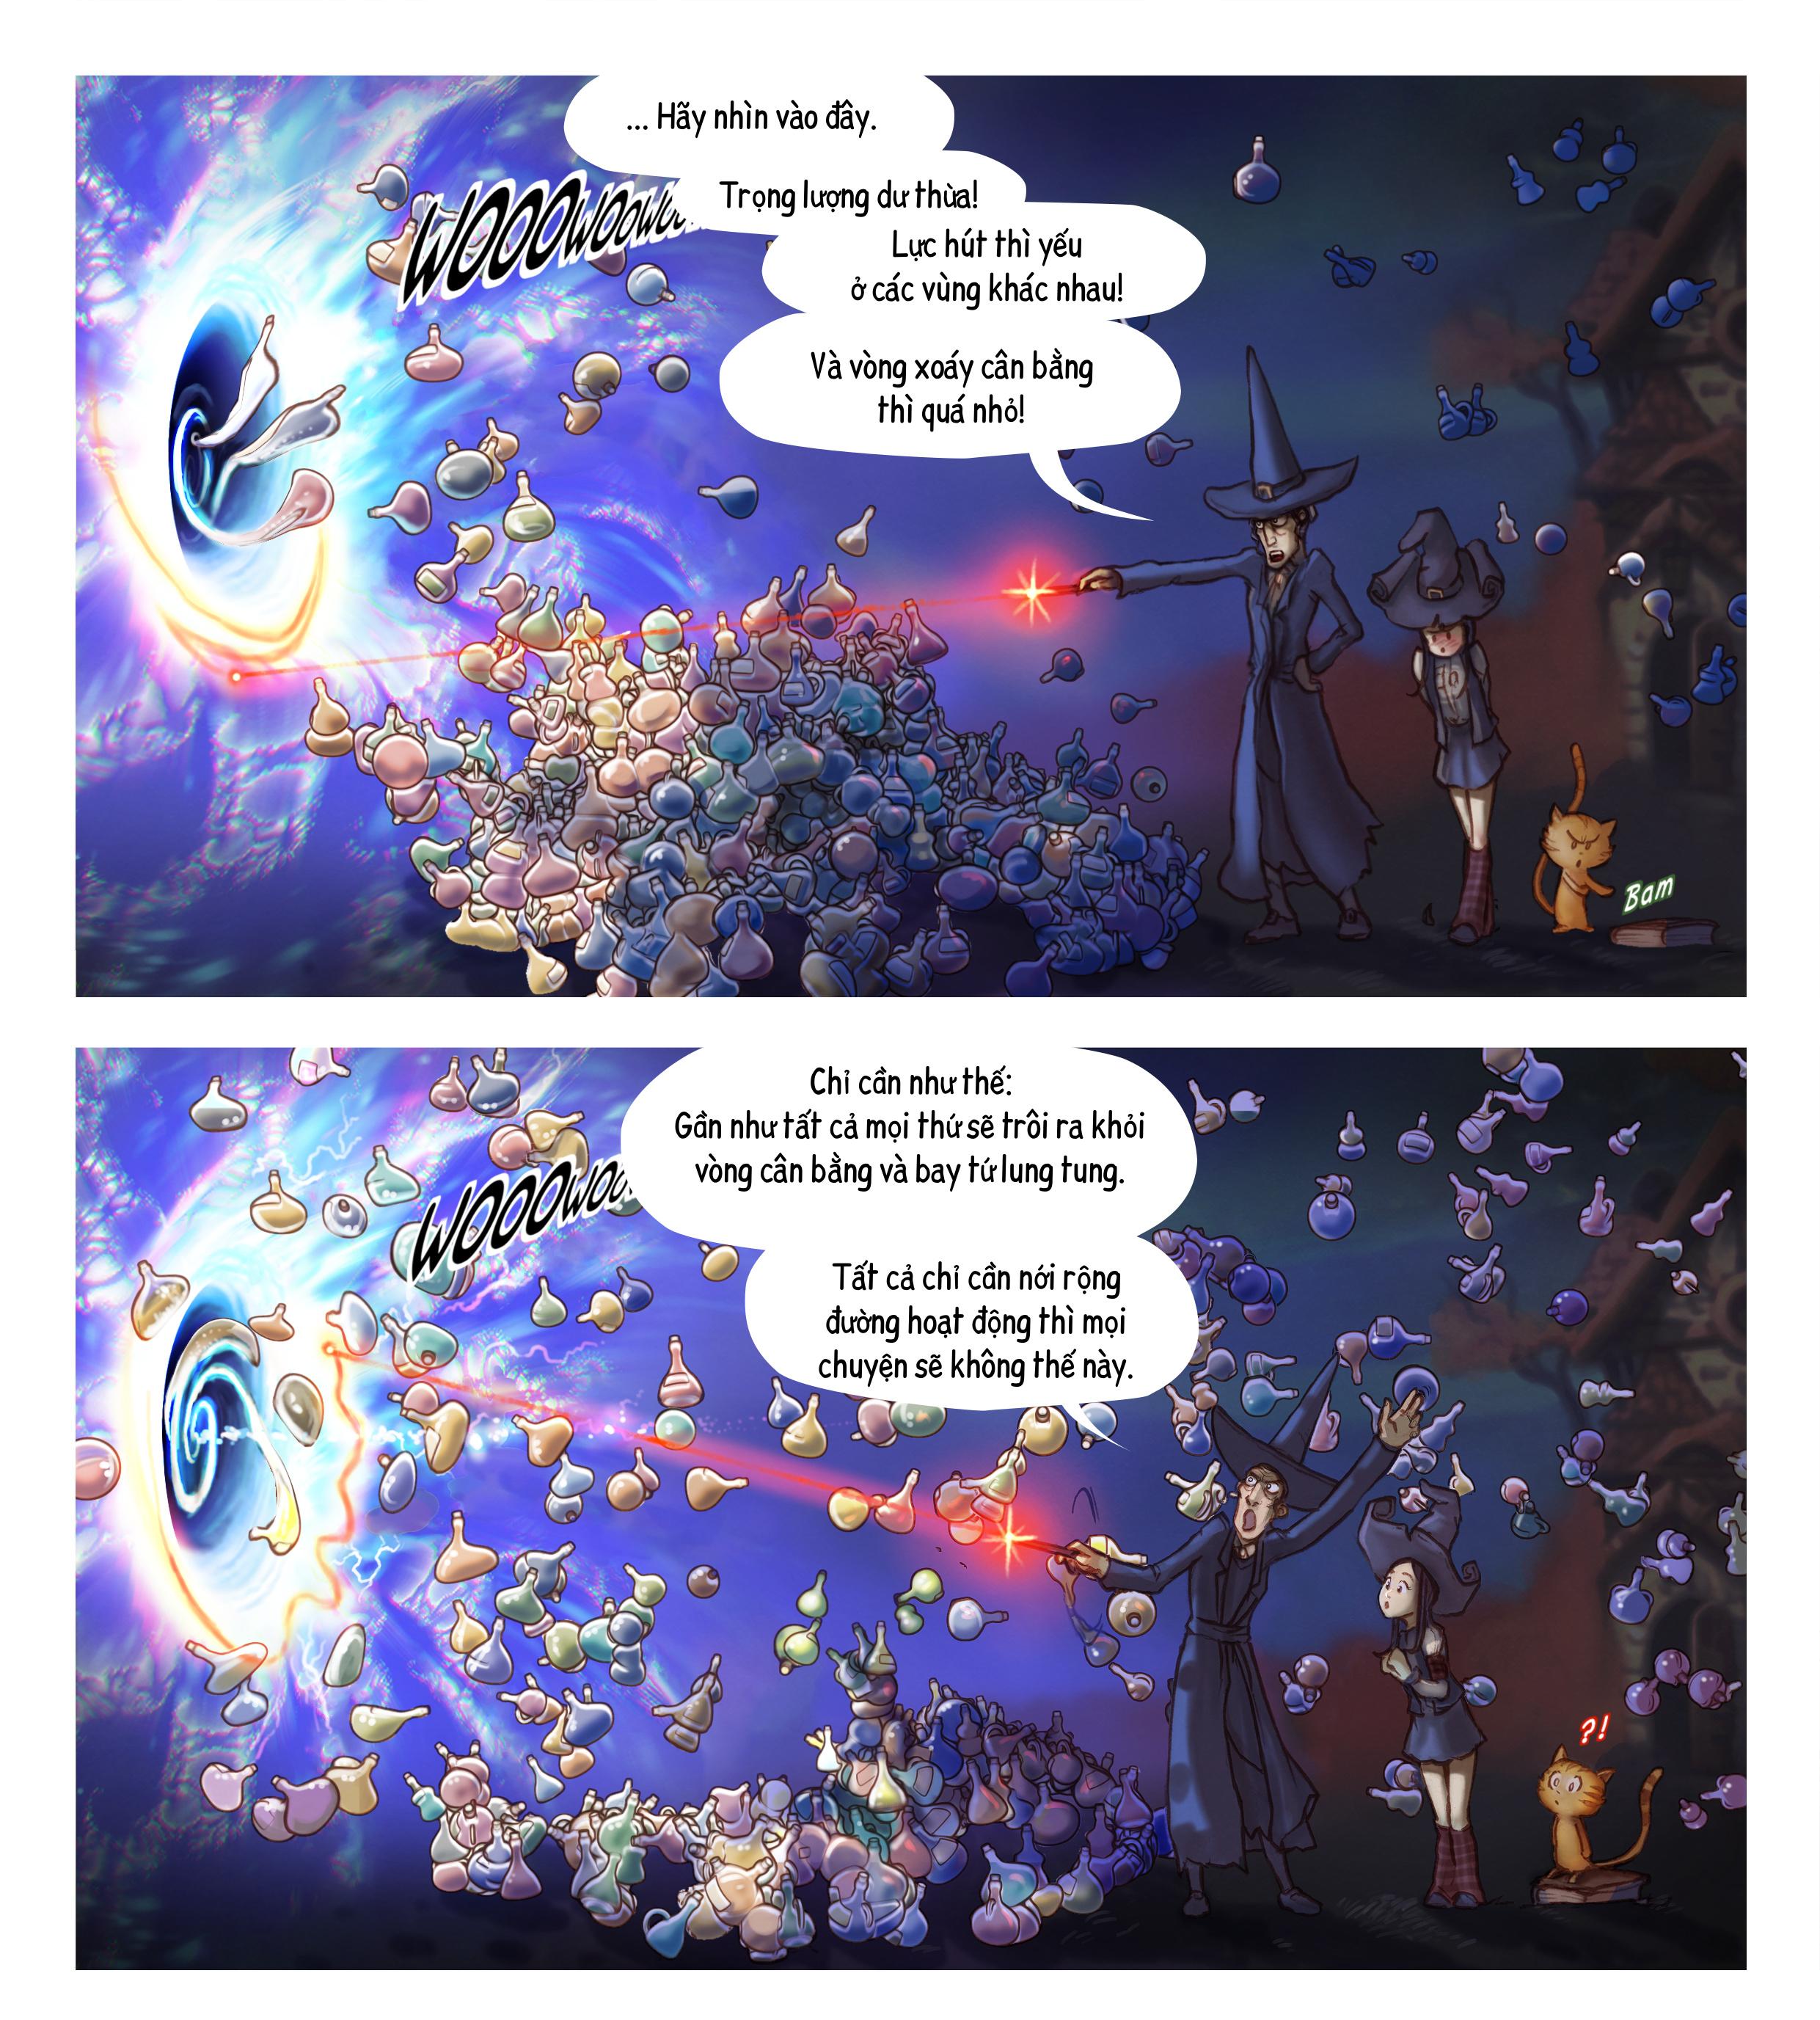 Tập 12: Dọn Dẹp Cuối Thu, Trang 5